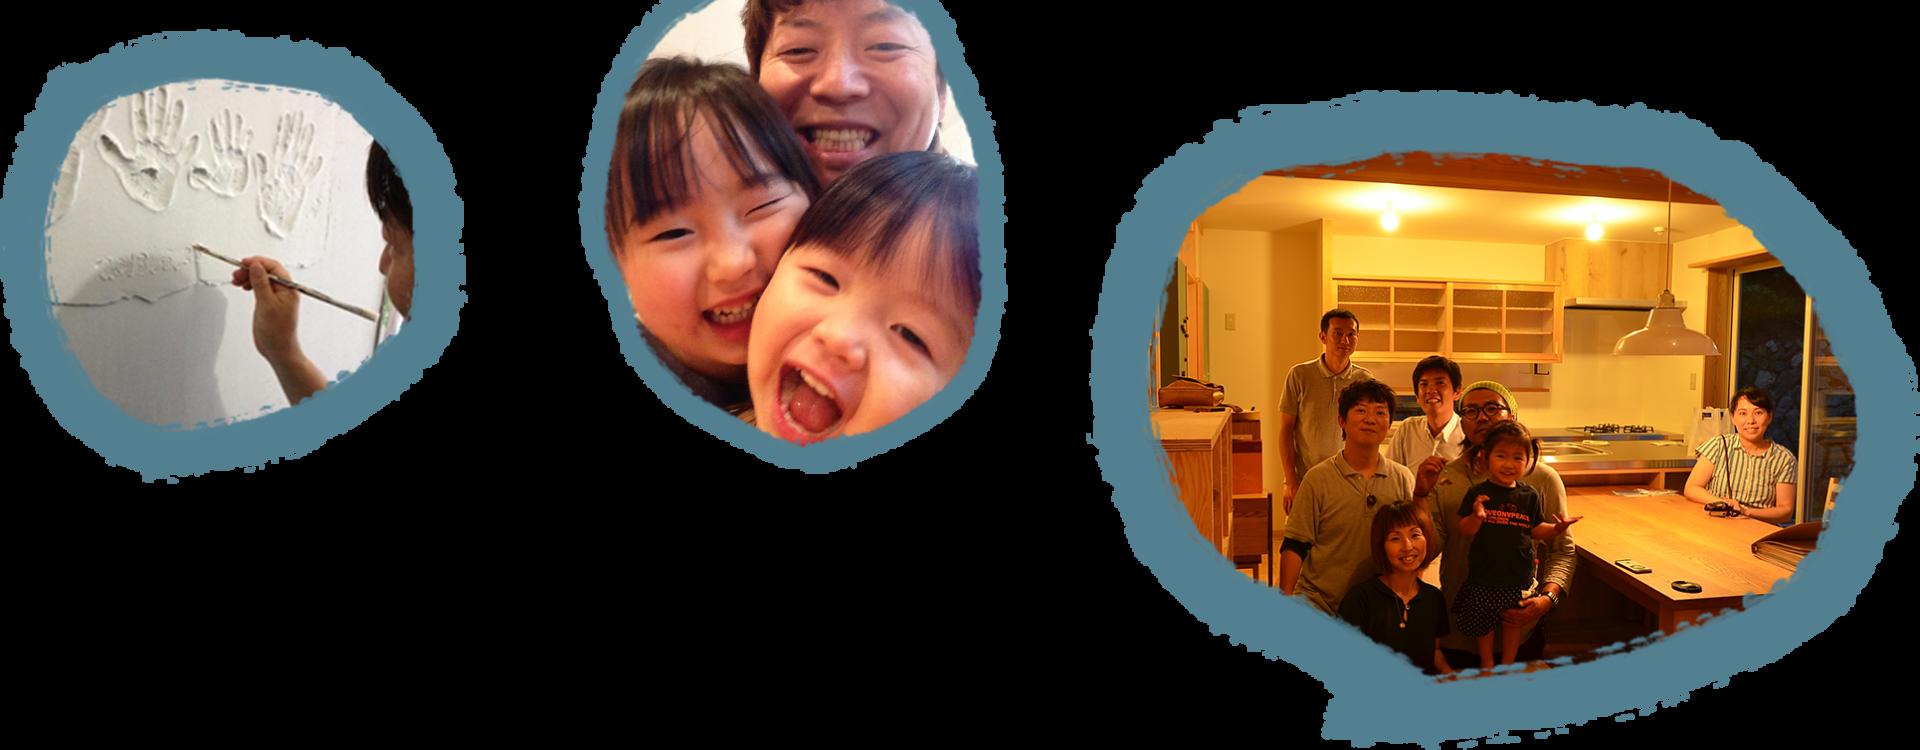 大阪市住吉区でお客さまとコミュニケーションを深く図る工務店「藏家」